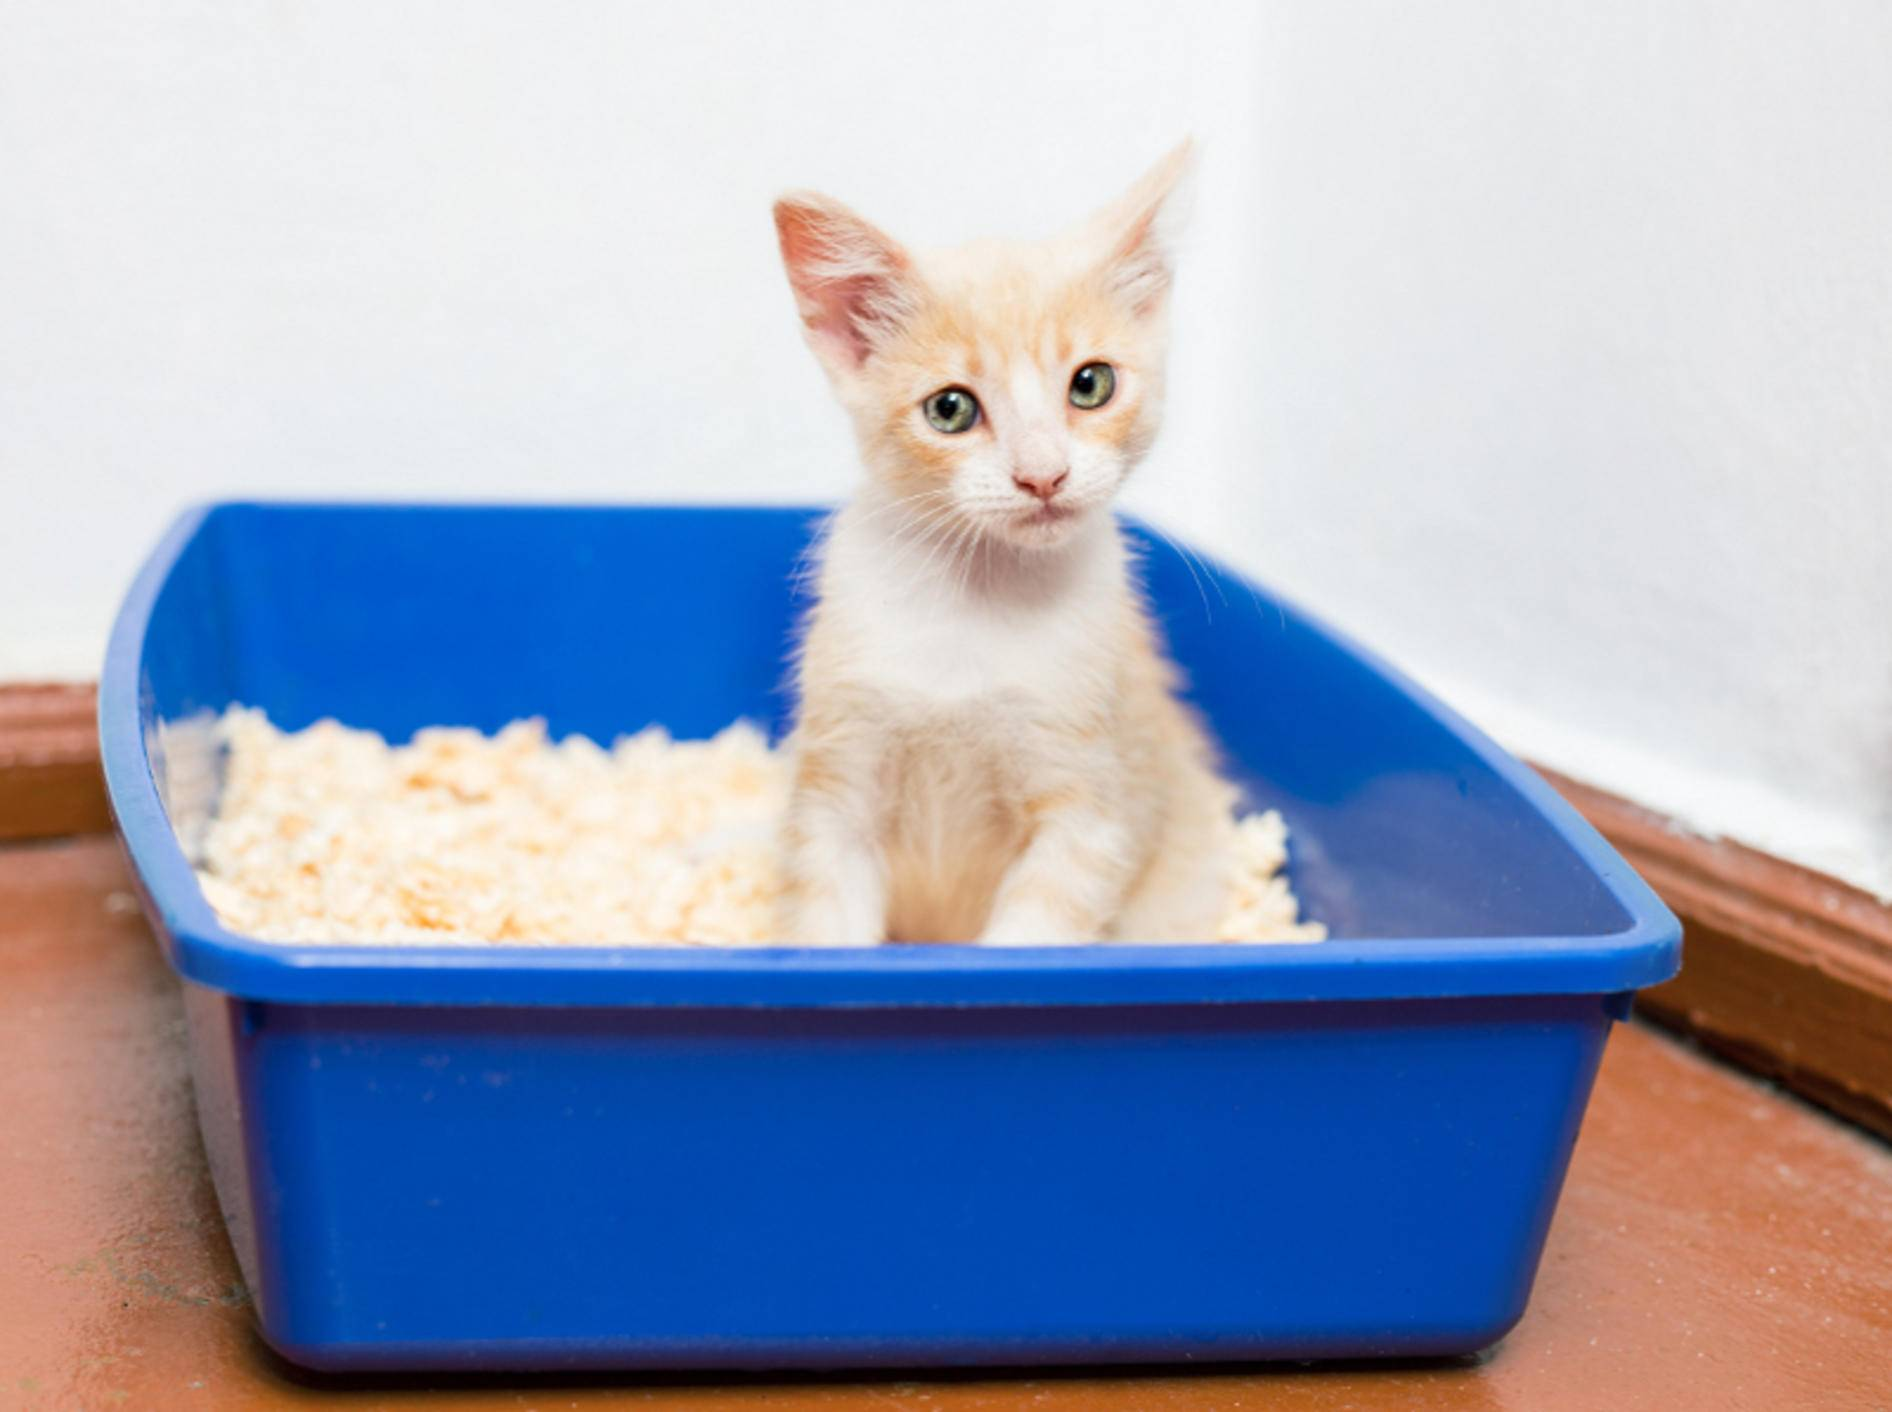 Endlich wieder ohne Schmerzen aufs Katzenklo? Bei einer Zystitis hilft in der Regel die Einnahme von Antibiotika – Shutterstock / Tiplyashina-Evgeniya